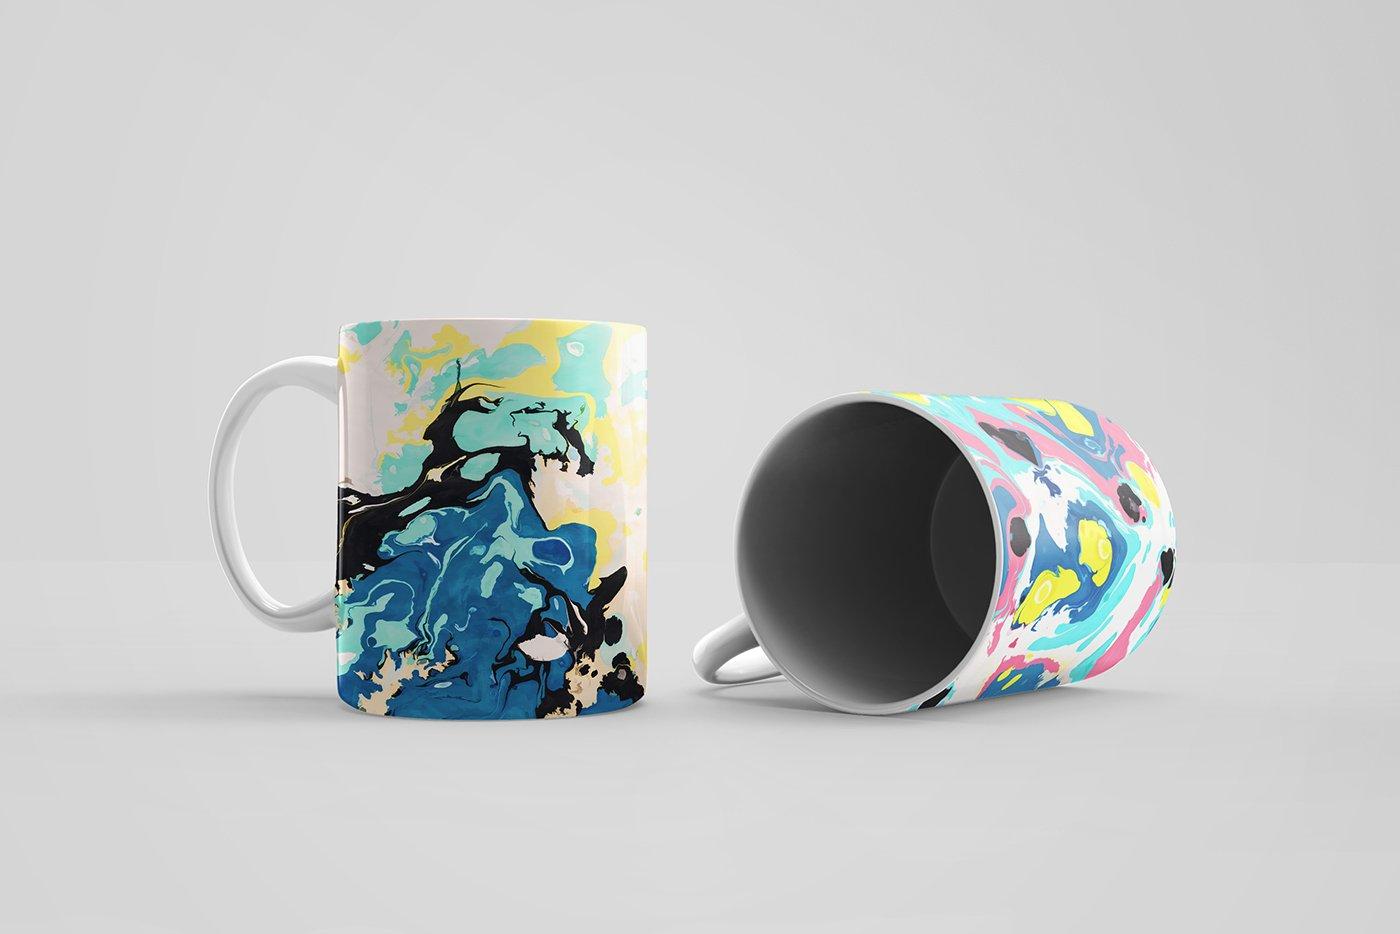 50款高清炫彩液体流动大理石装饰背景纹理图片素材 Marble Paint Textures & Backgrounds插图(1)